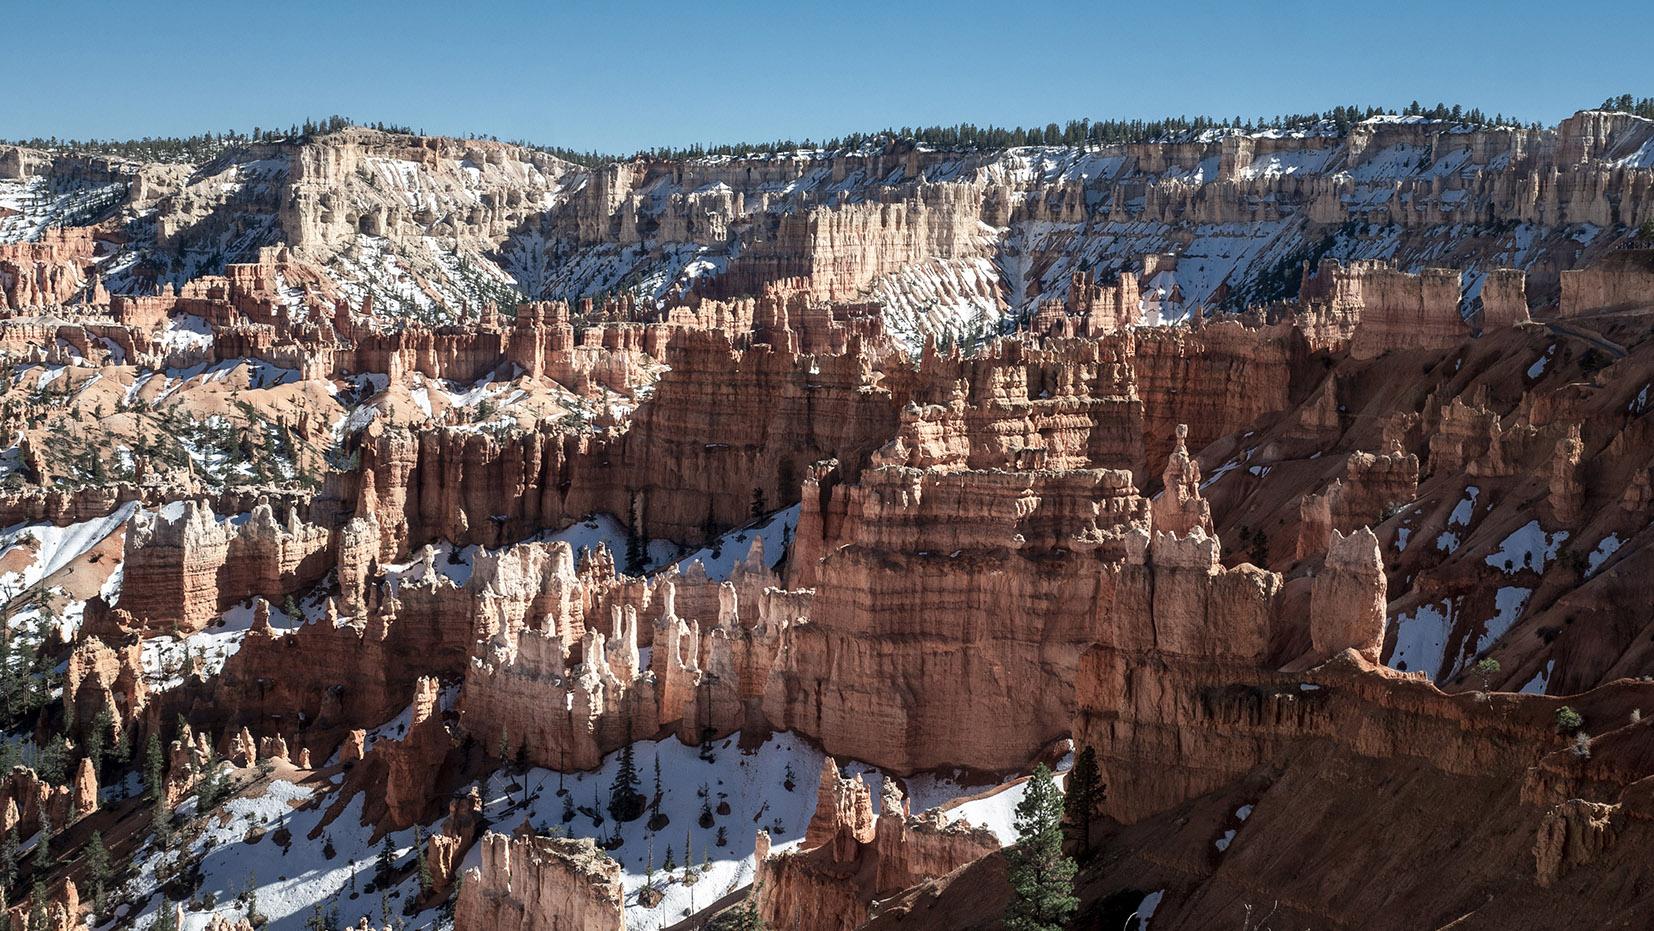 Vue panoramique cathédrâle pierre ciel bleu sapins neige